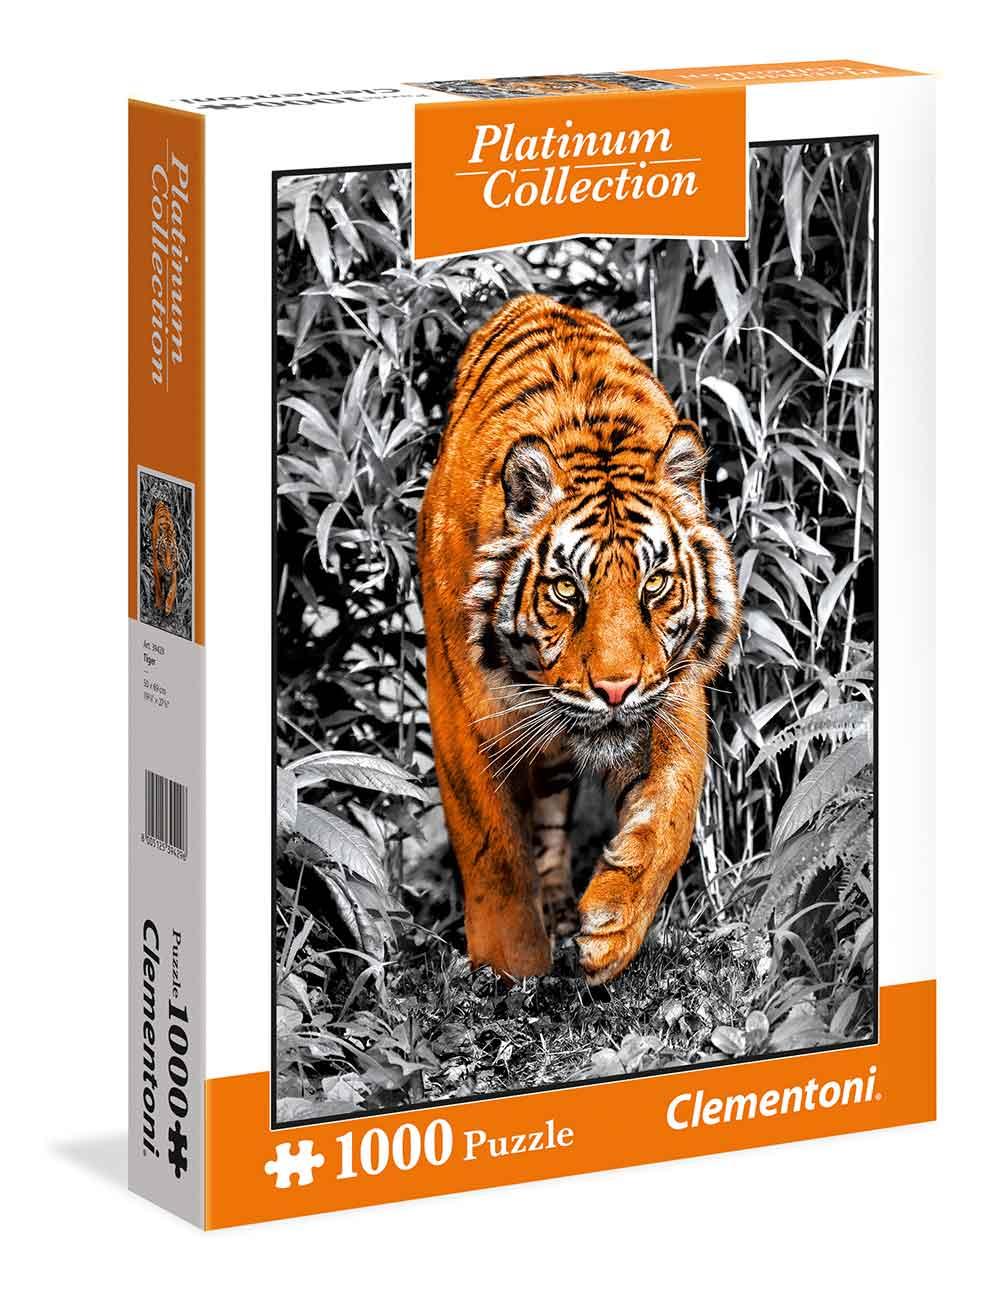 Puzzle Clementoni Platinum Tigre 1000 Piezas